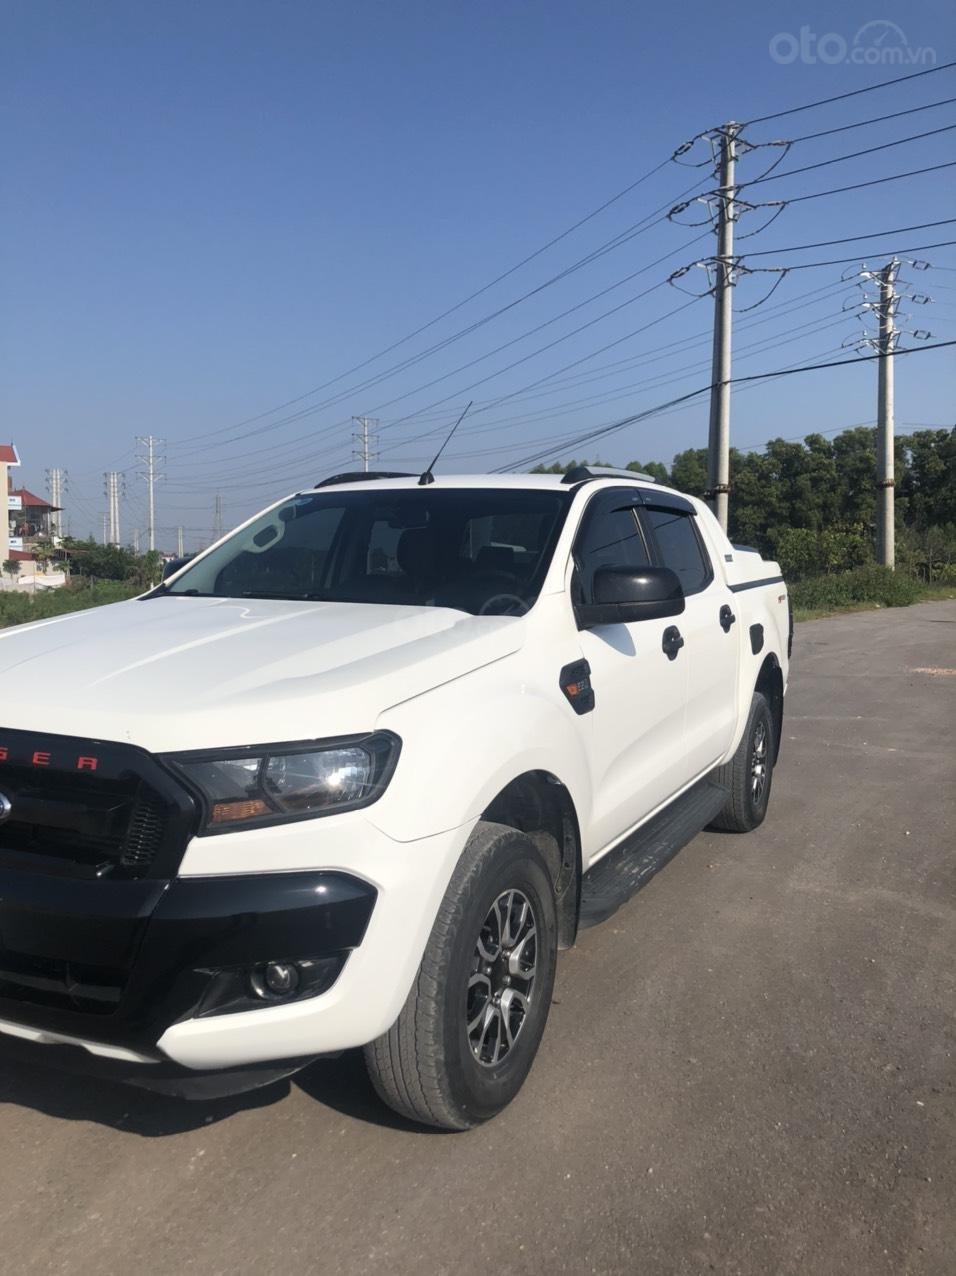 Cần bán gấp Ford Ranger đời 2017, màu trắng, nhập khẩu, giá tốt 550 triệu đồng (3)